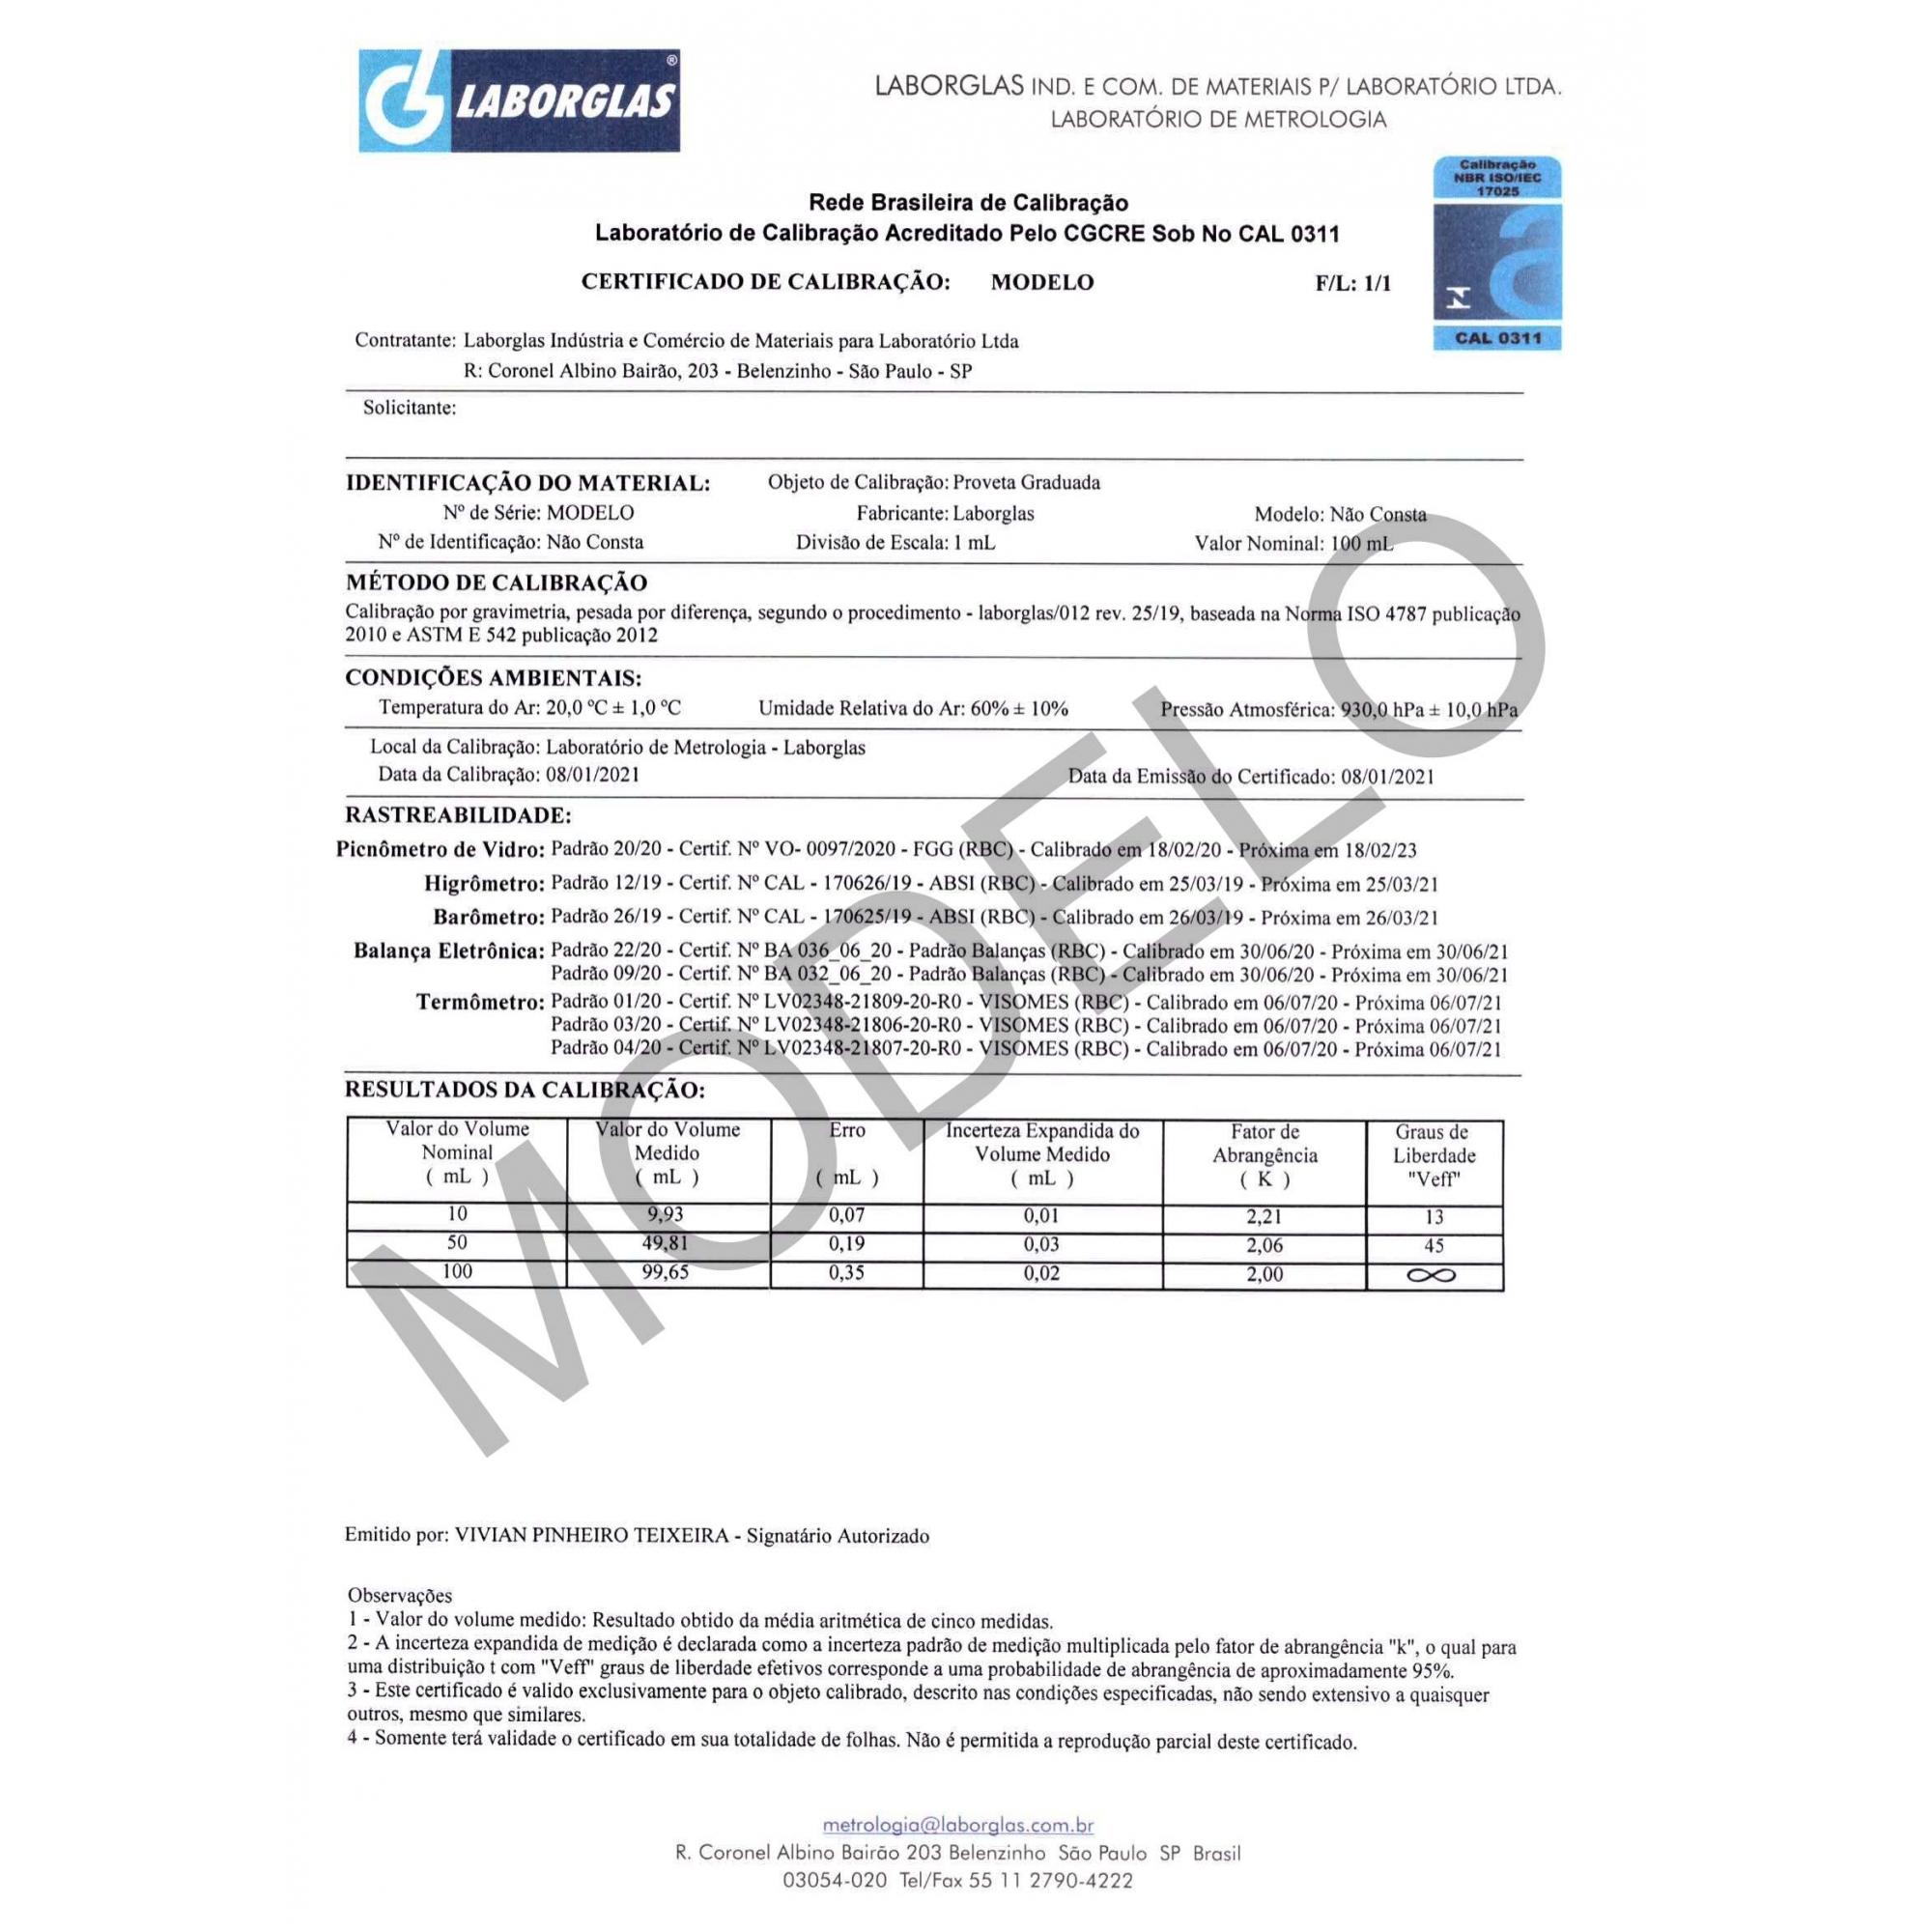 PROVETA GRADUADA BASE HEXAGONAL DE VIDRO 250 ML CERTIFICADO RBC - Laborglas - Cód. 9139636-R